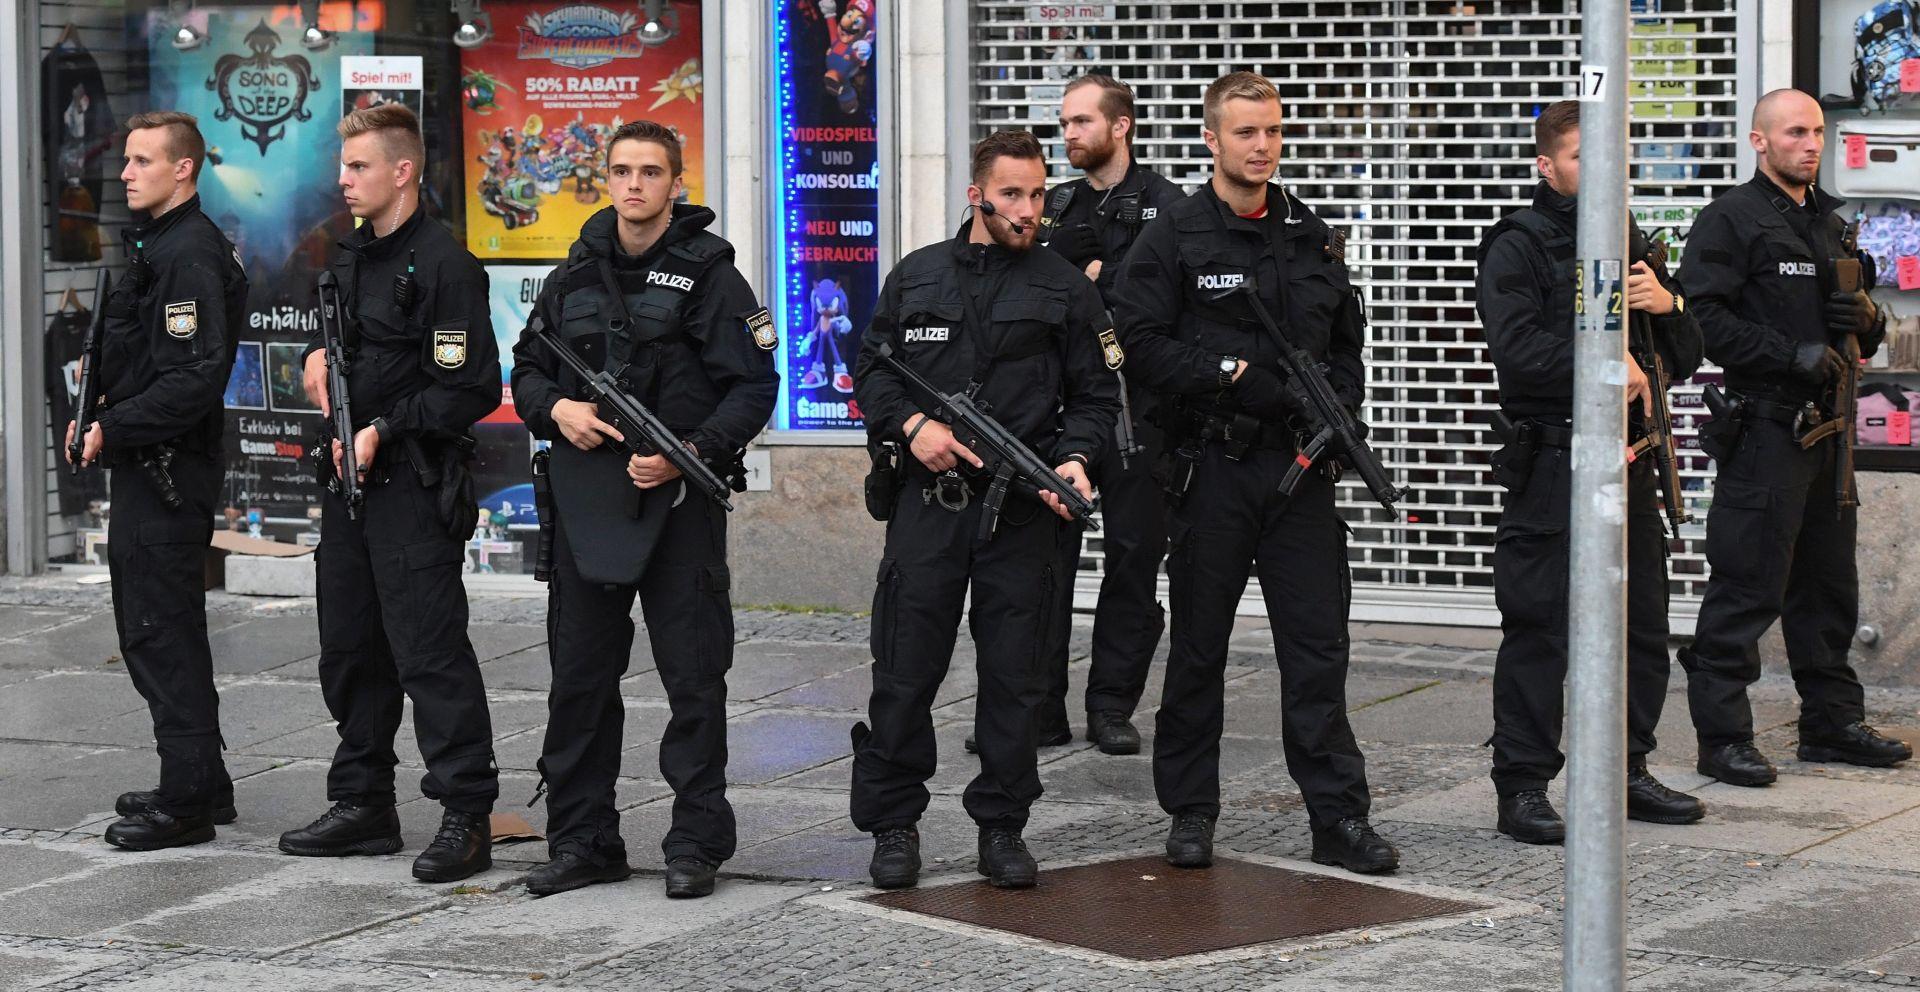 Strah od napada prazni manifestacije po Njemačkoj